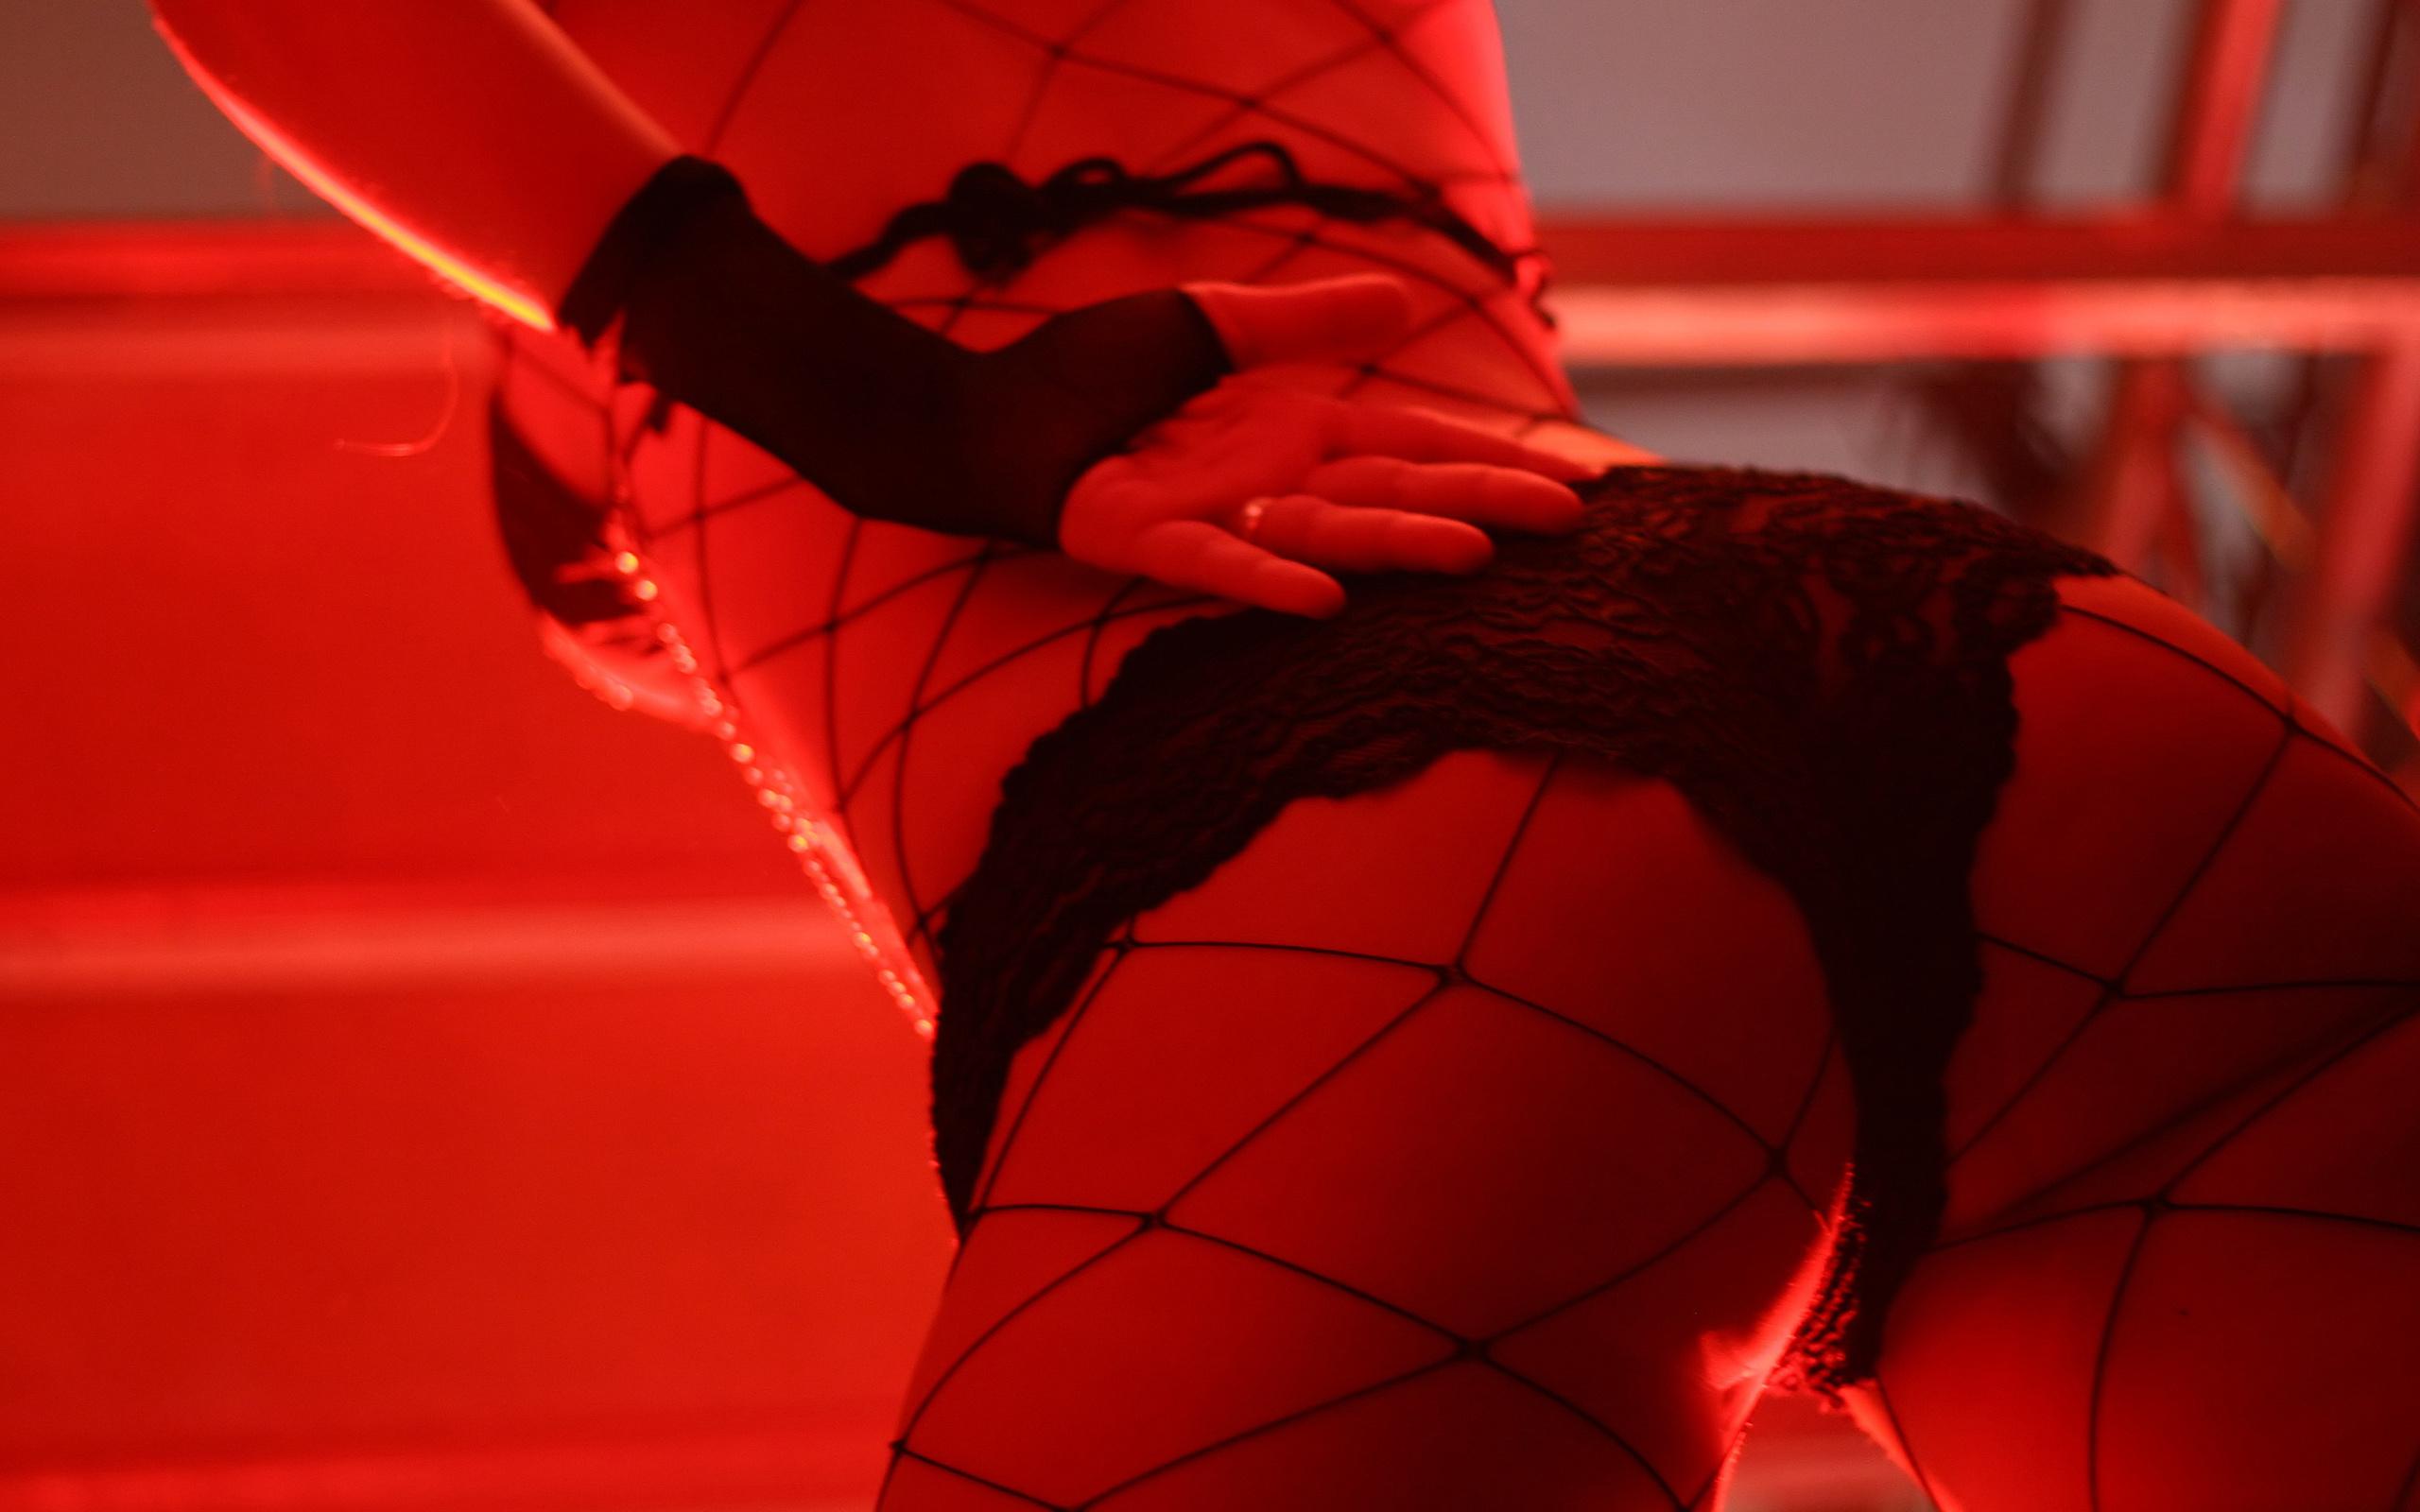 hot-desi-hot-girls-dancing-strip-club-porn-picture